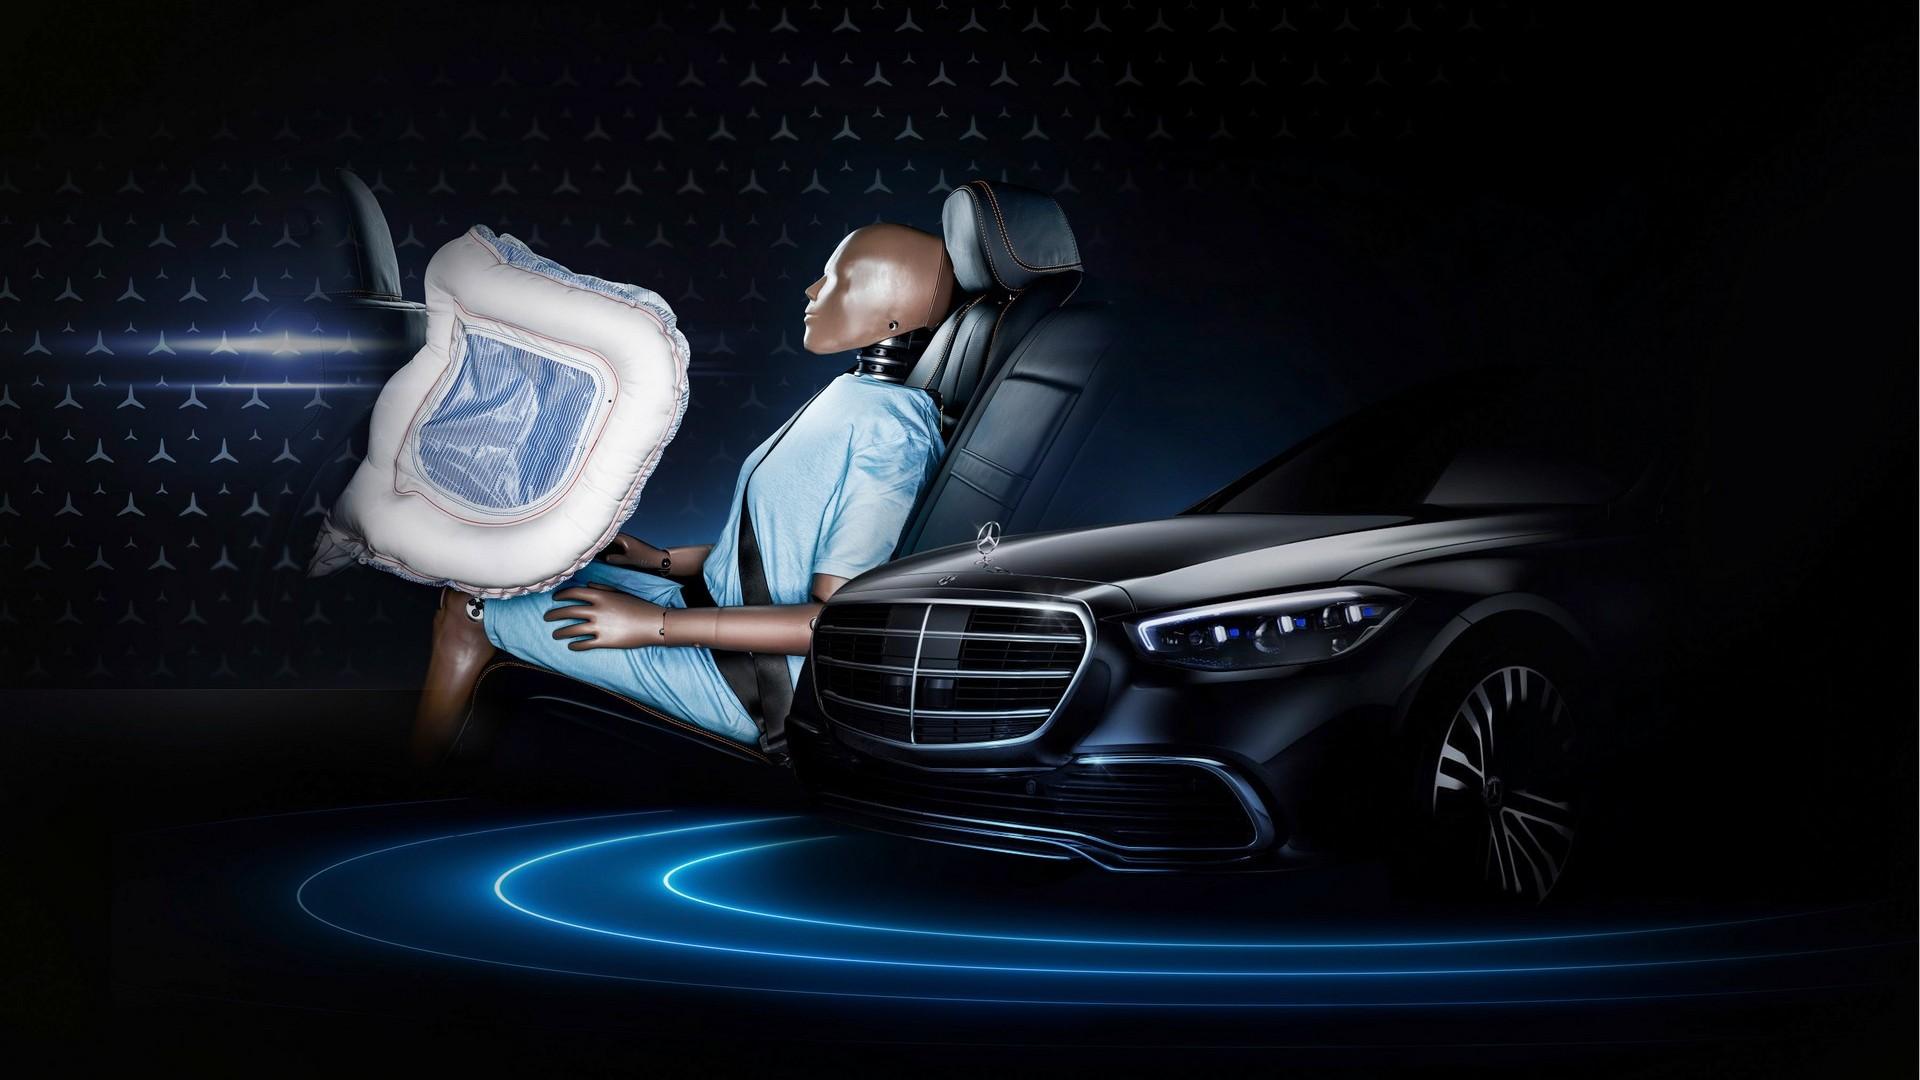 Η νέα Mercedes-Benz S-Class θα έχει αερόσακους και για τους πίσω επιβάτες! [pics]